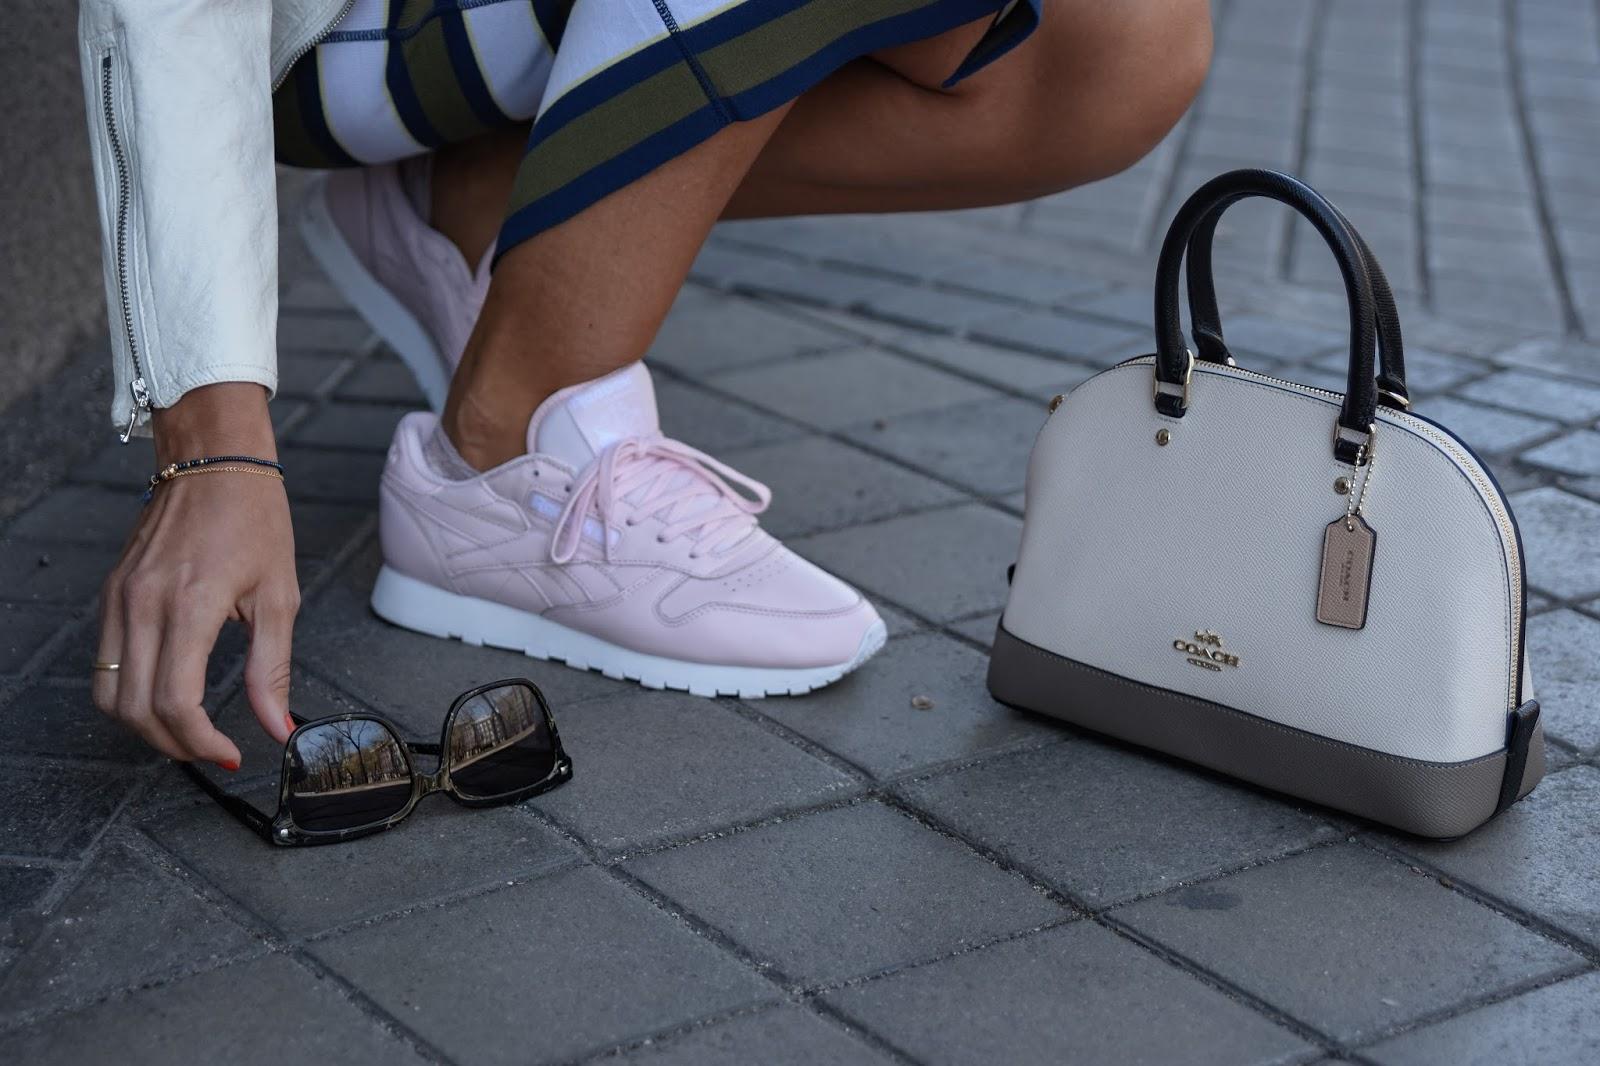 salario otoño ajuste  Pink sneakers - El Blog de Silvia